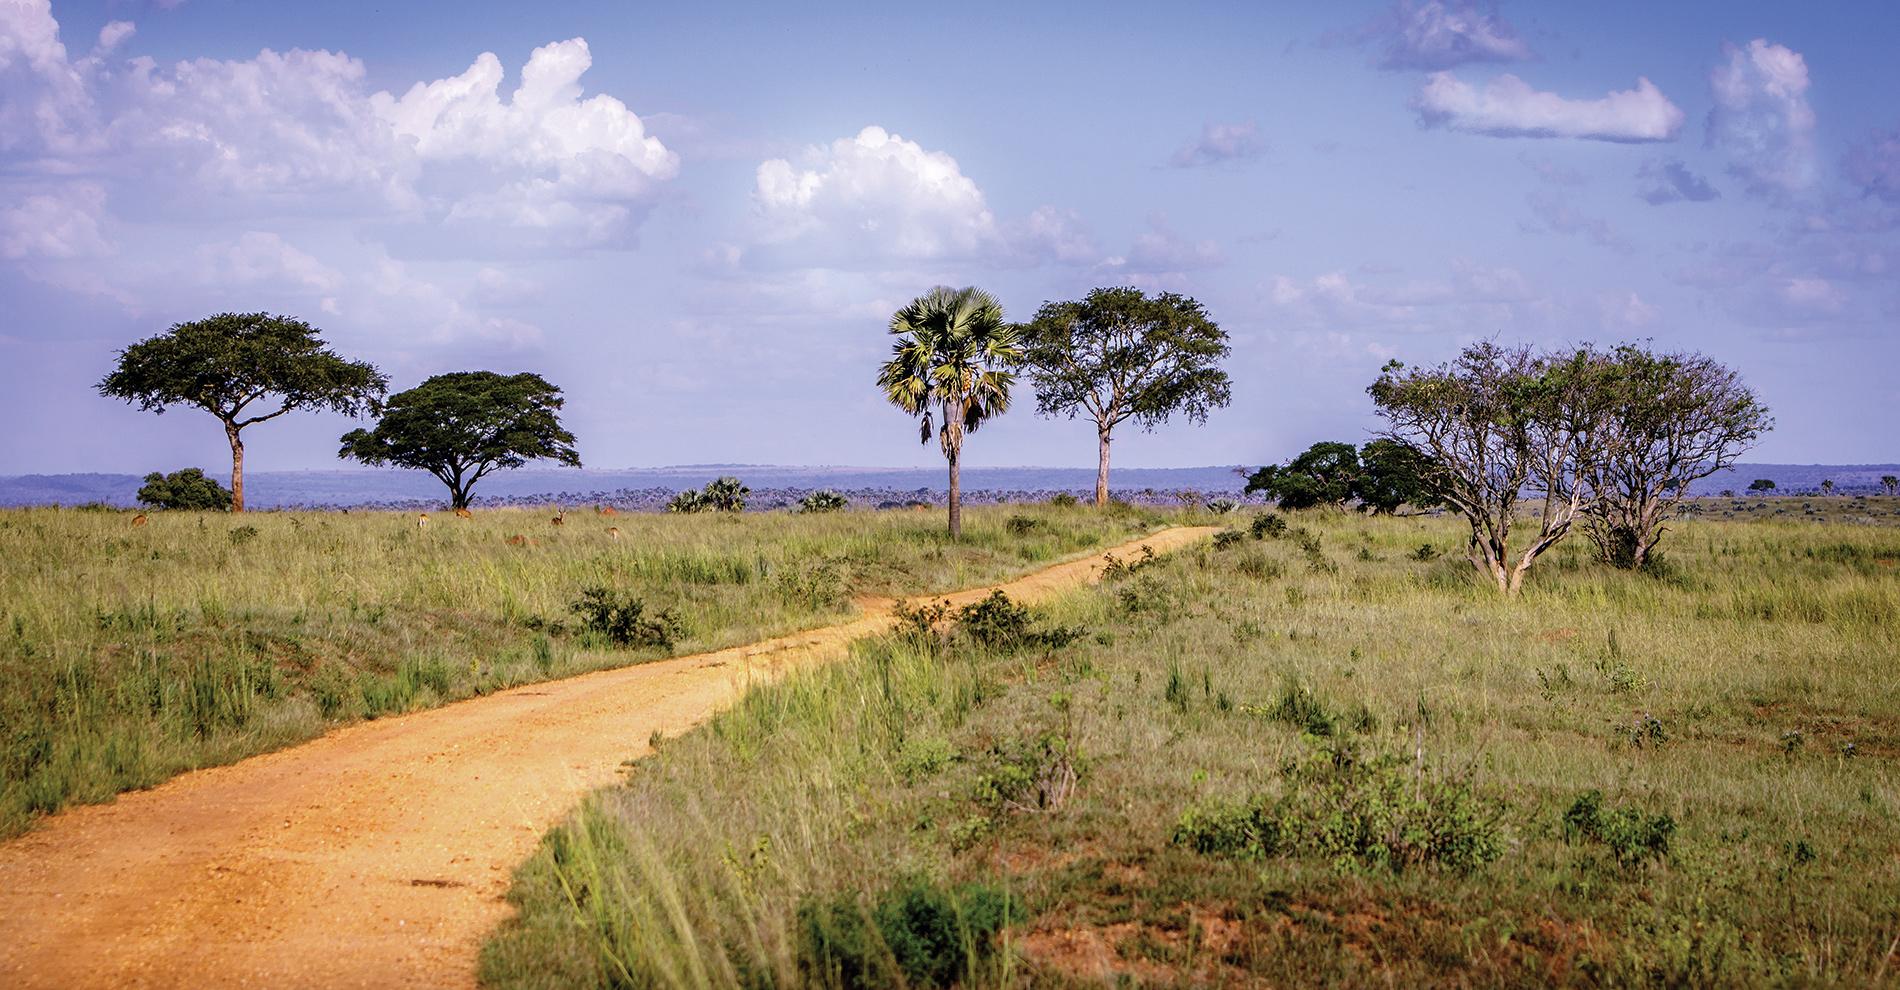 A red dirt road in Gulu, Uganda.